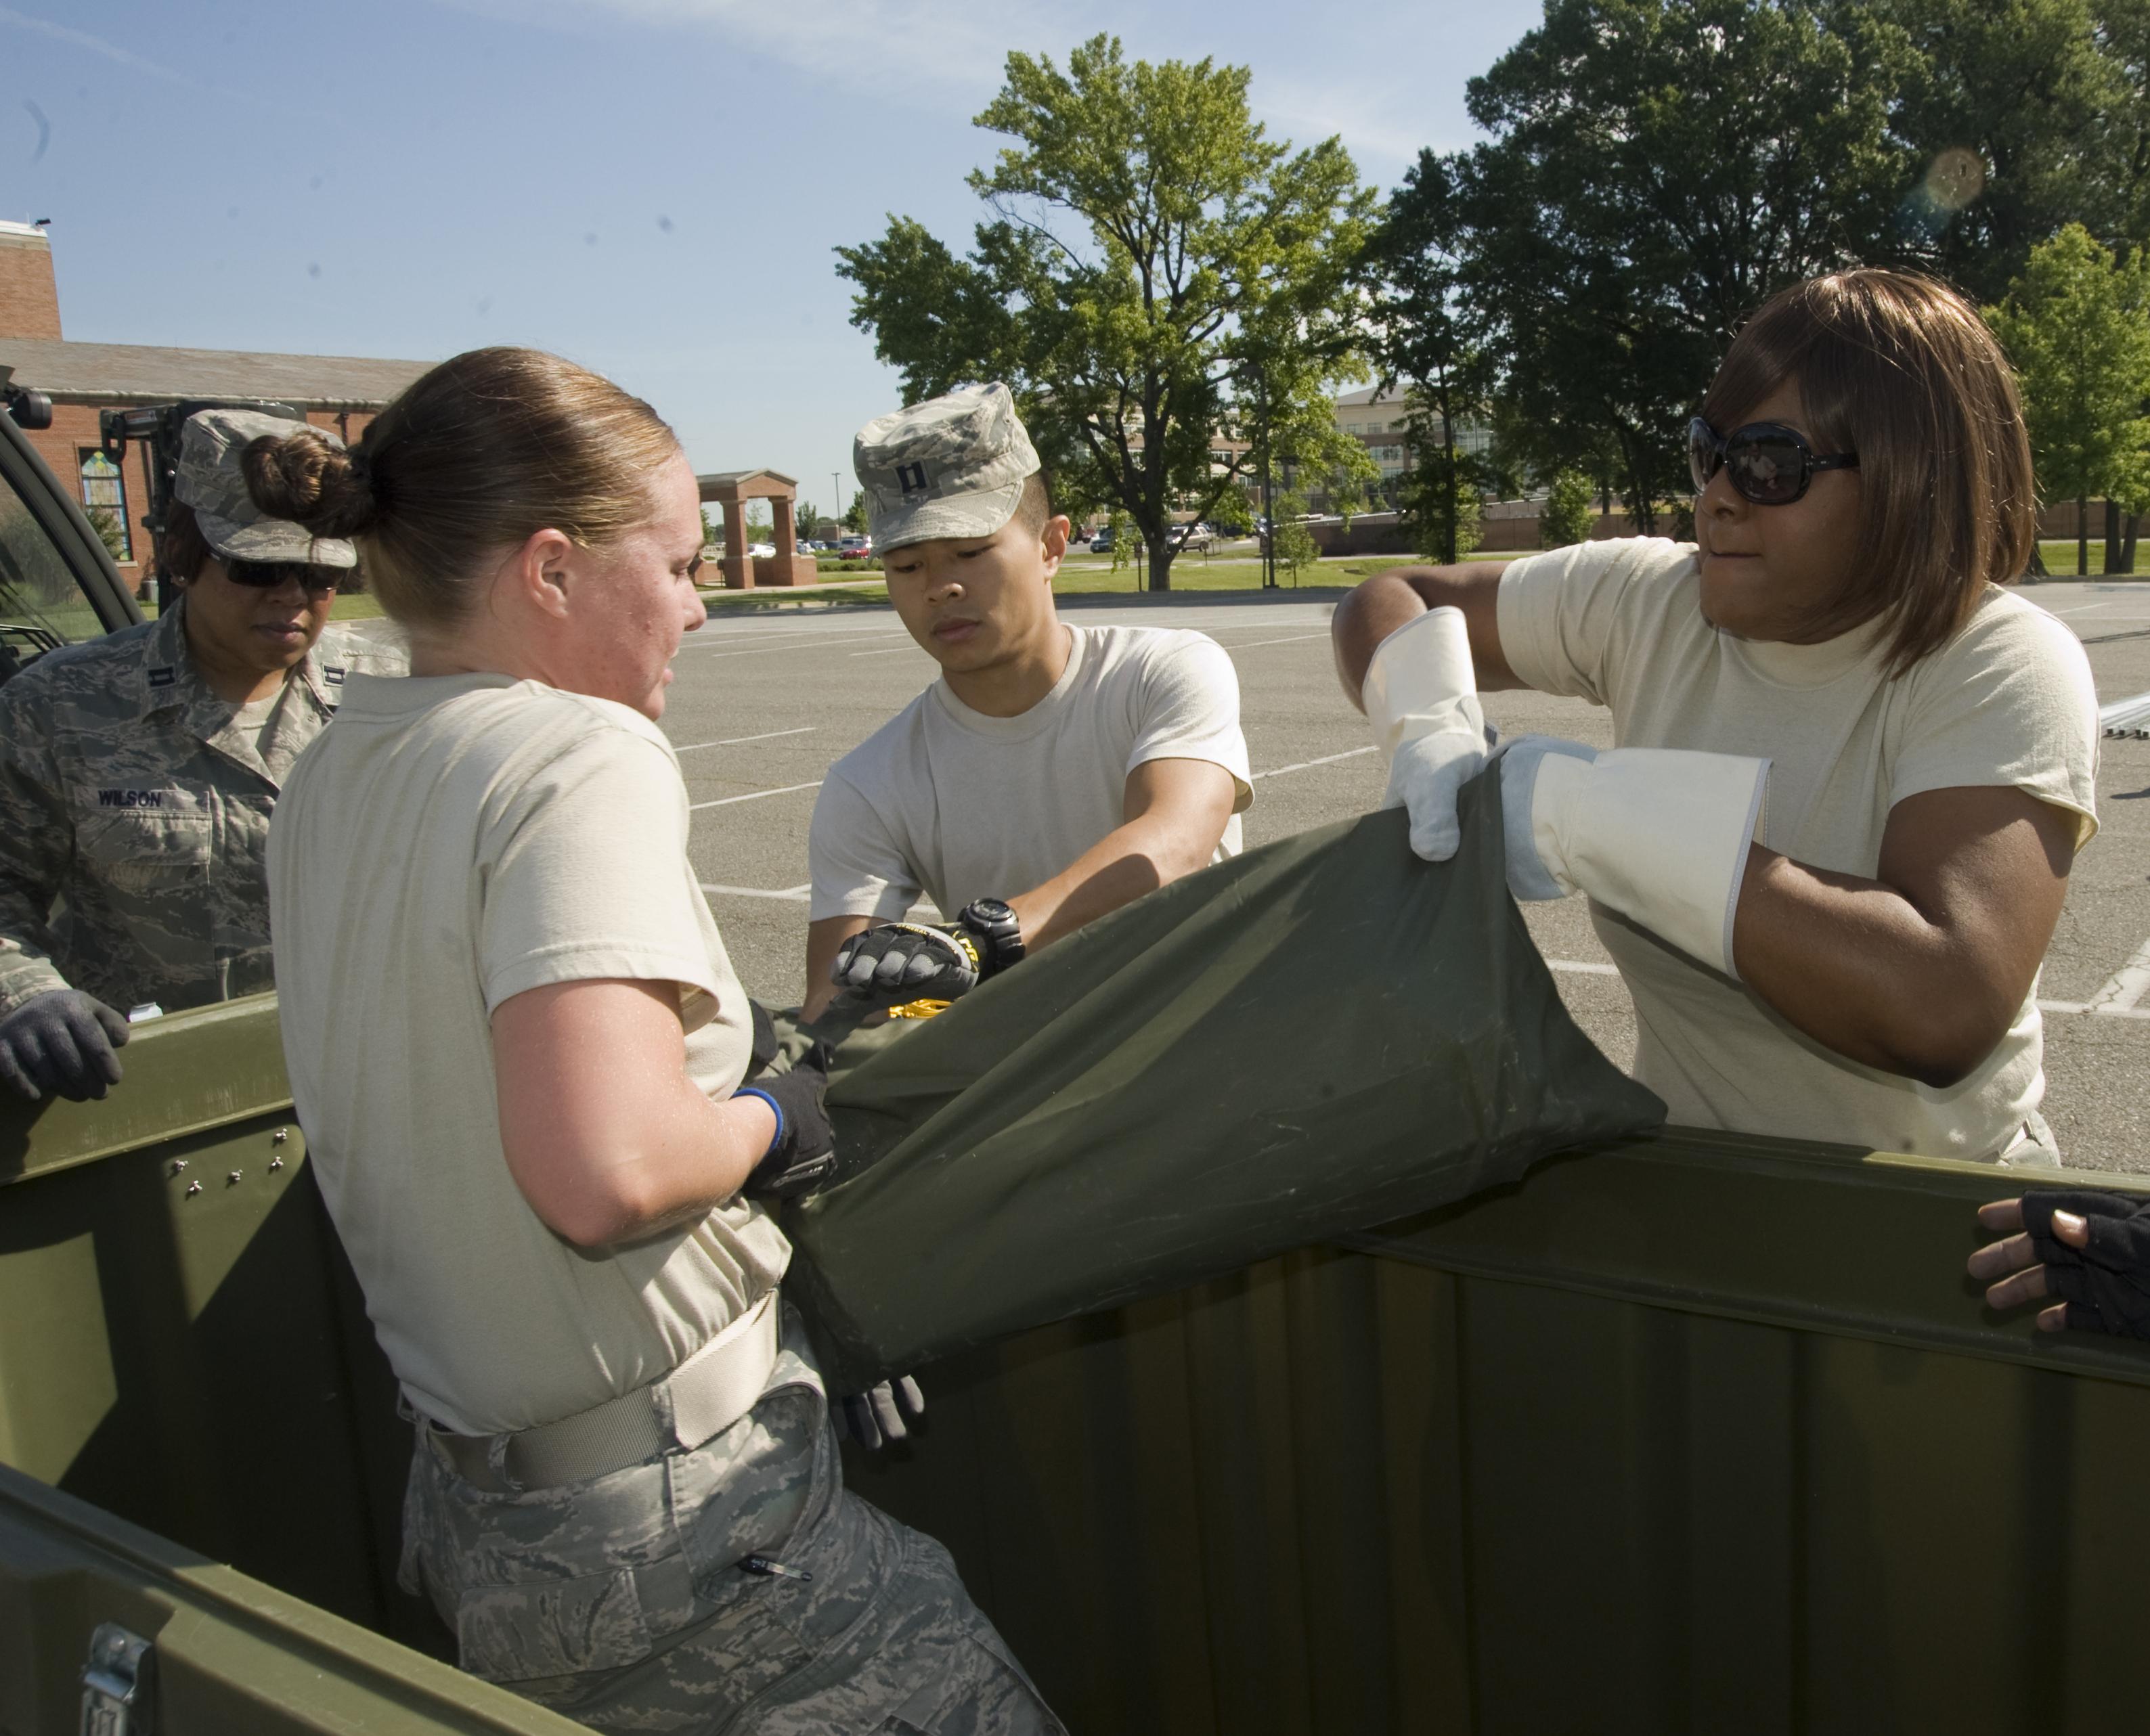 Med Group Exercises Disaster Response Skills